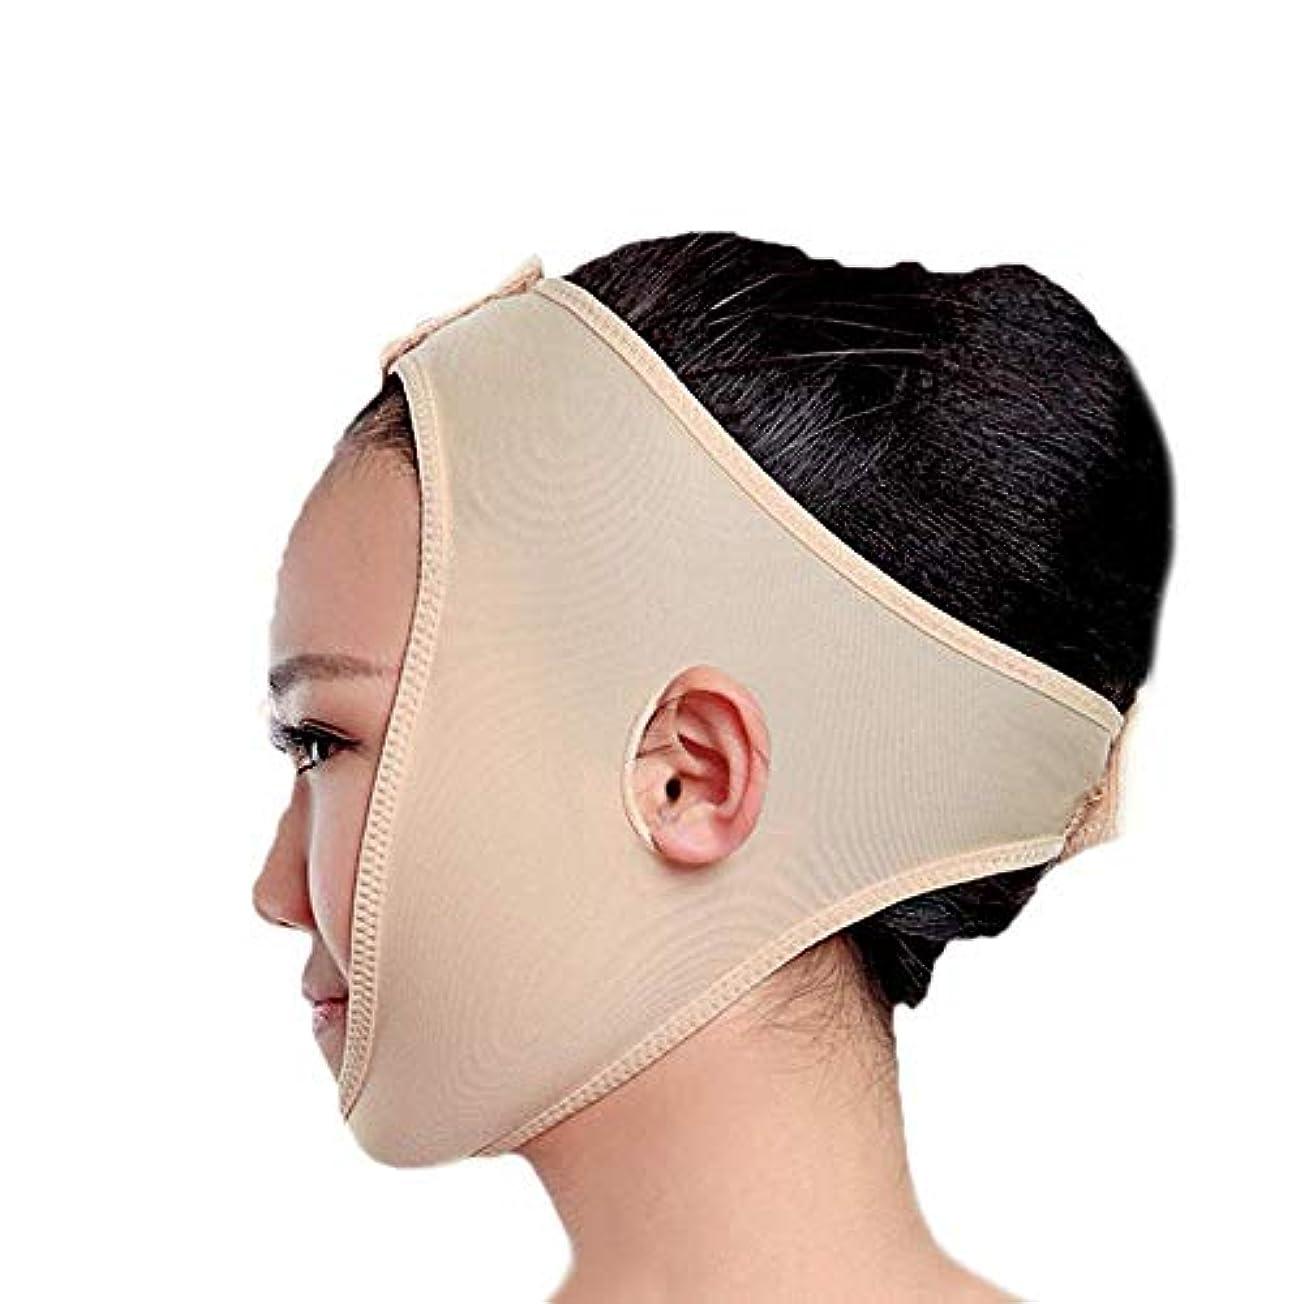 結紮最小接ぎ木フェイススリミングマスク、快適さと通気性、フェイシャルリフティング、輪郭の改善された硬さ、ファーミングとリフティングフェイス(カラー:ブラック、サイズ:XL),黄色がかったピンク2、XL